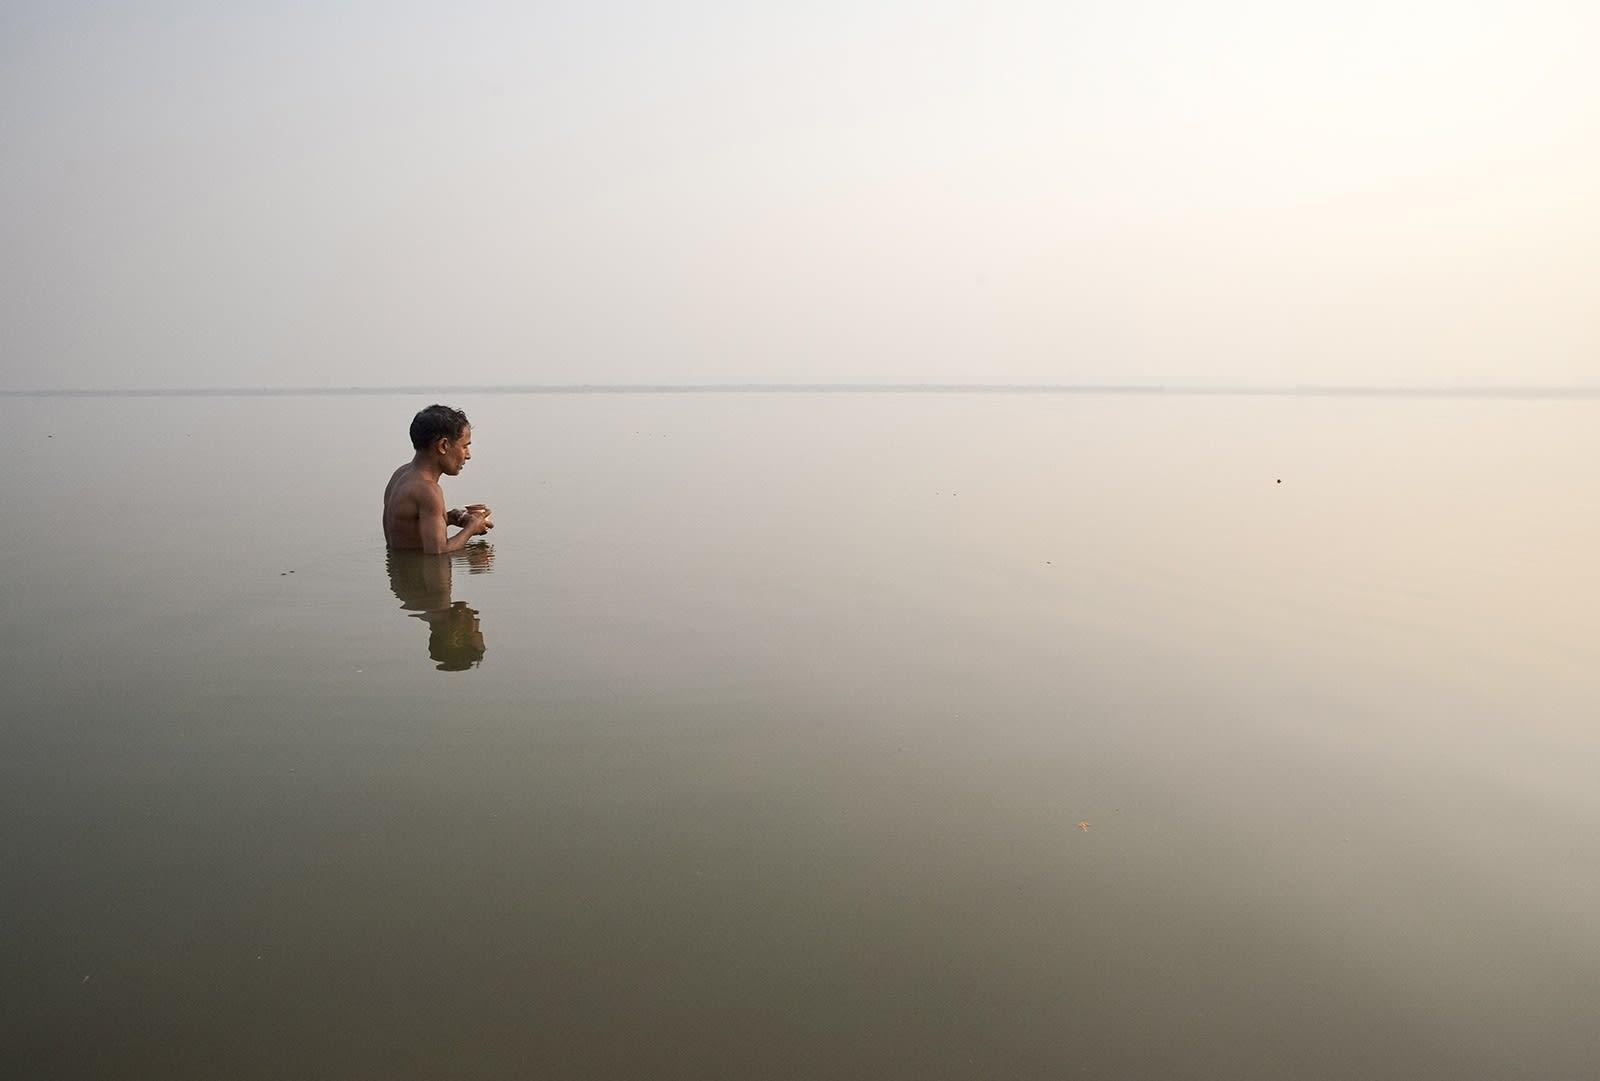 Matjaž Krivic, Varanasi, India, 2008 – 2012